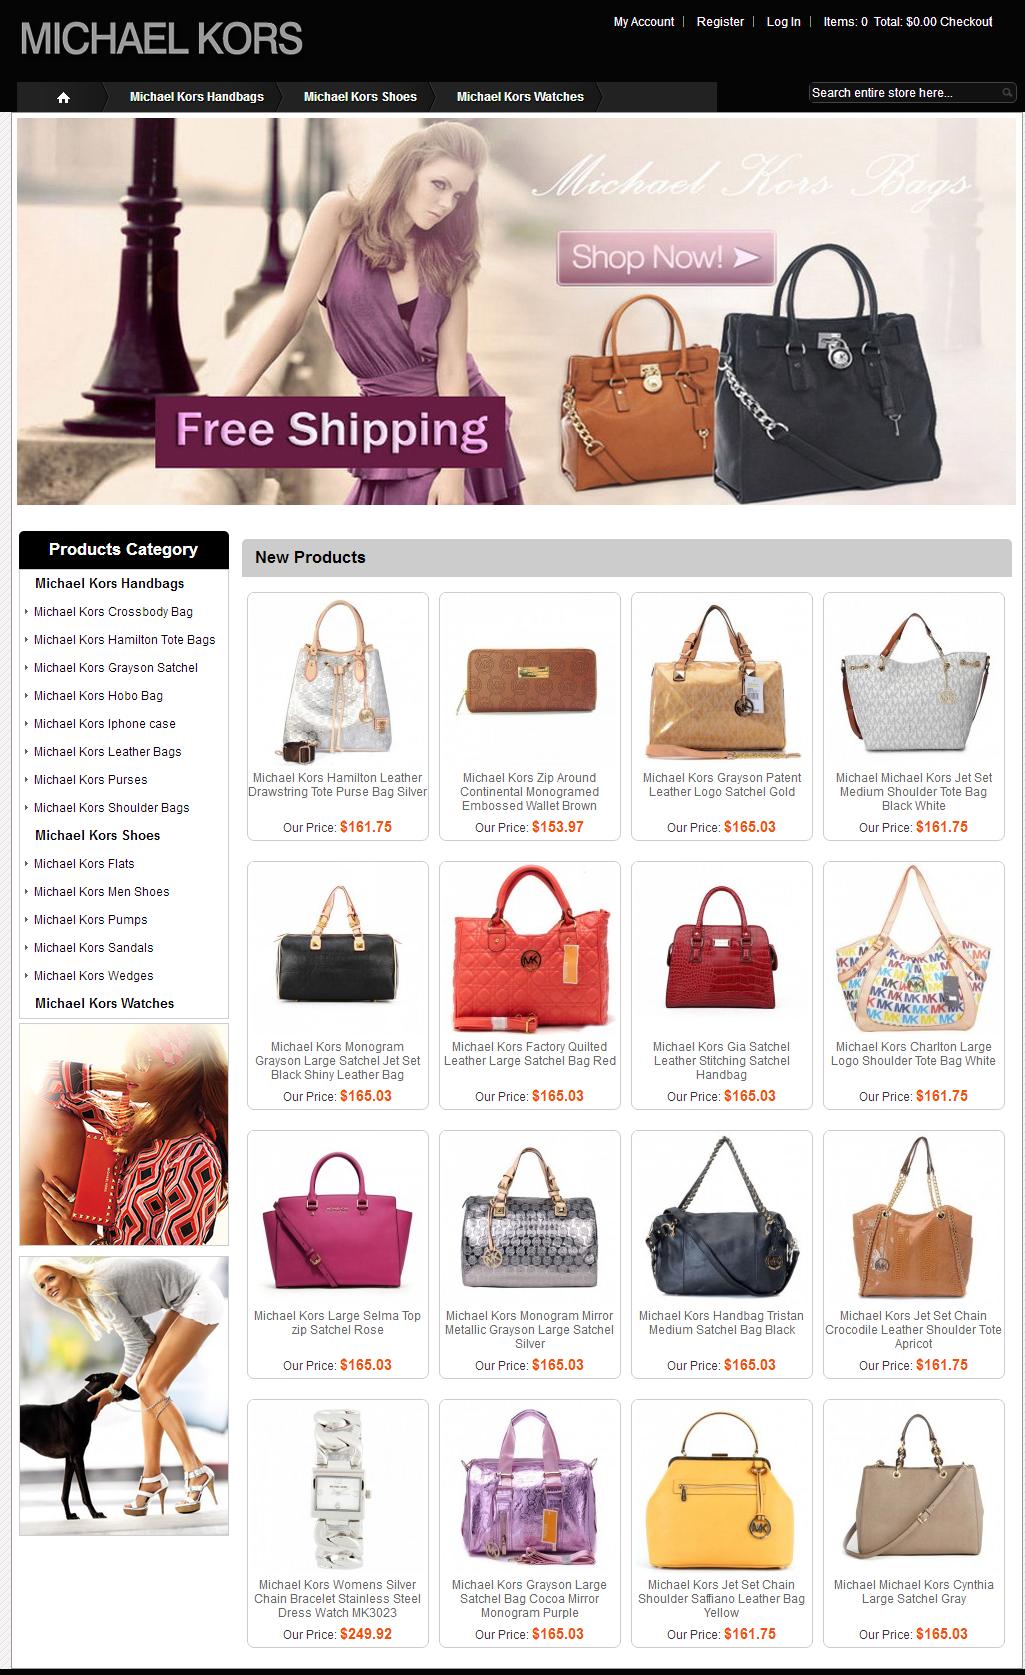 新加坡买什么包包便宜